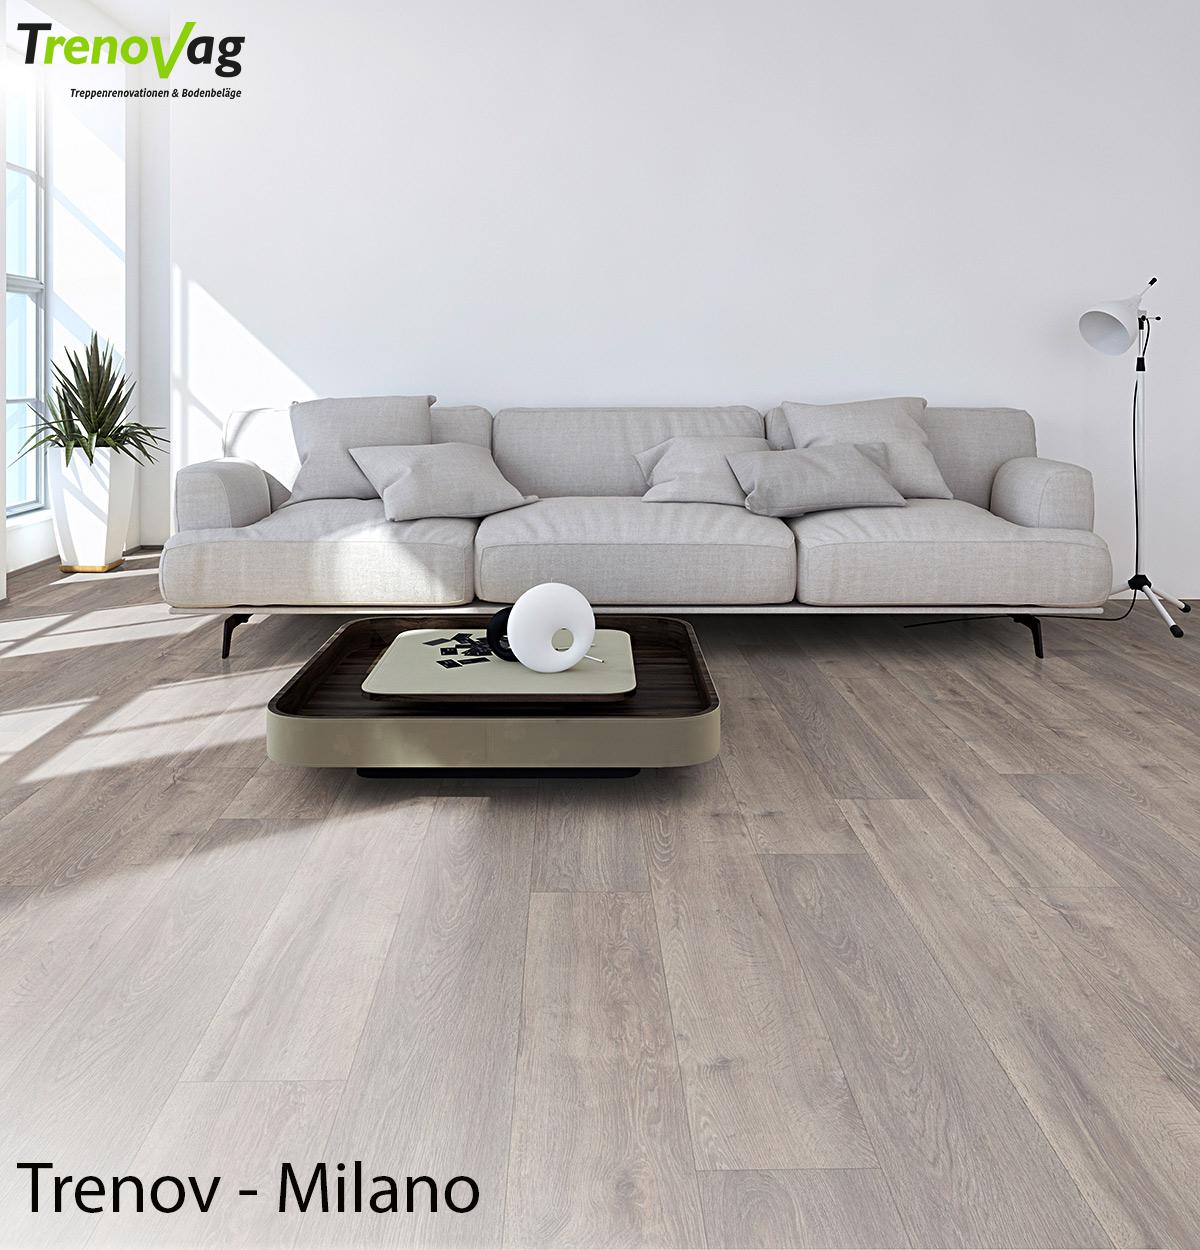 Trenov - Milano, Vinyl, Trenov-Vinyl, Designboden, Vinylboden, Vinyl verlegen, Vinylfussboden, Boden